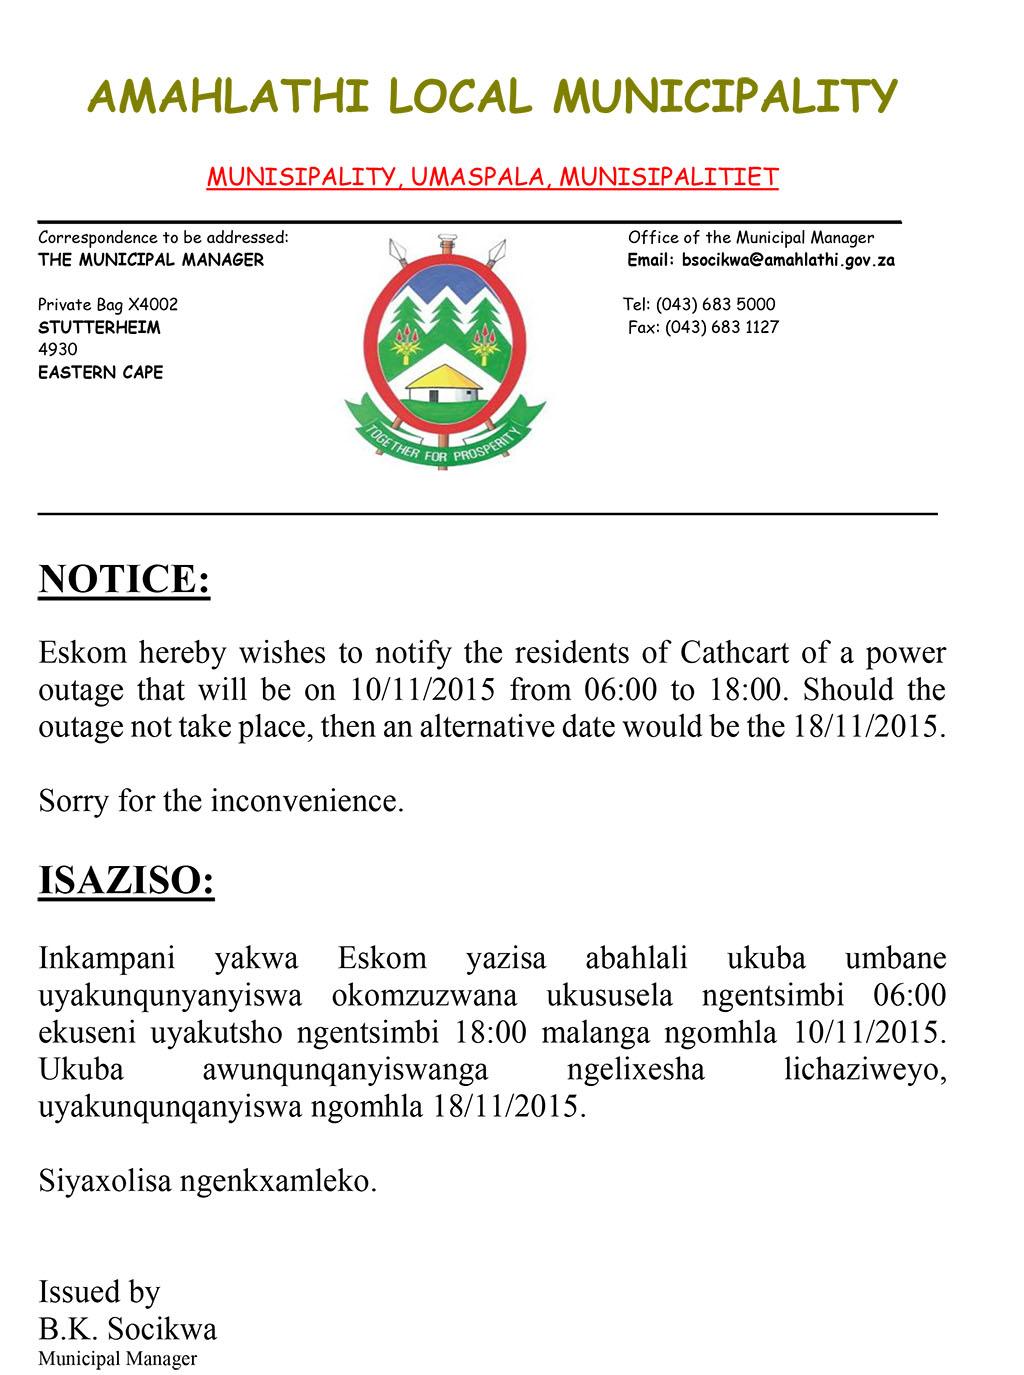 eskom notice